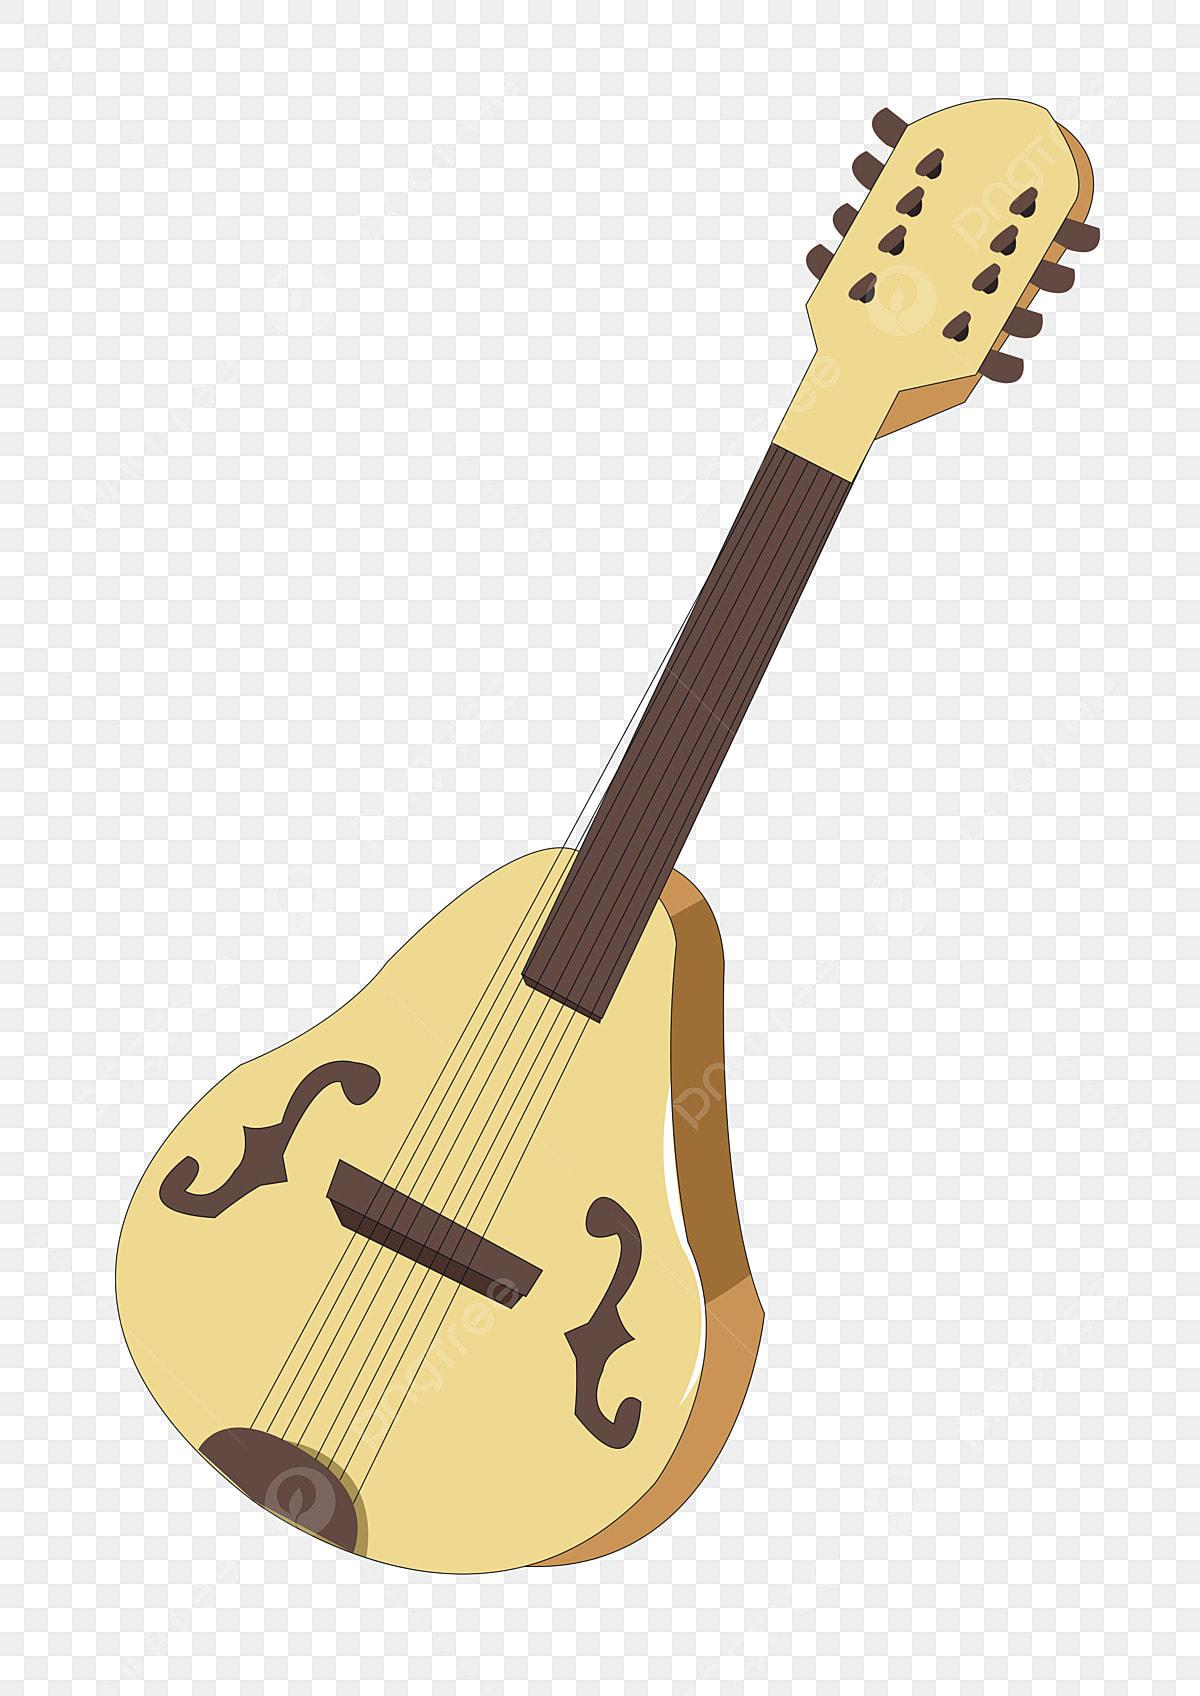 Instrumento Musical Instrumento Musical Minoritario Artesanato